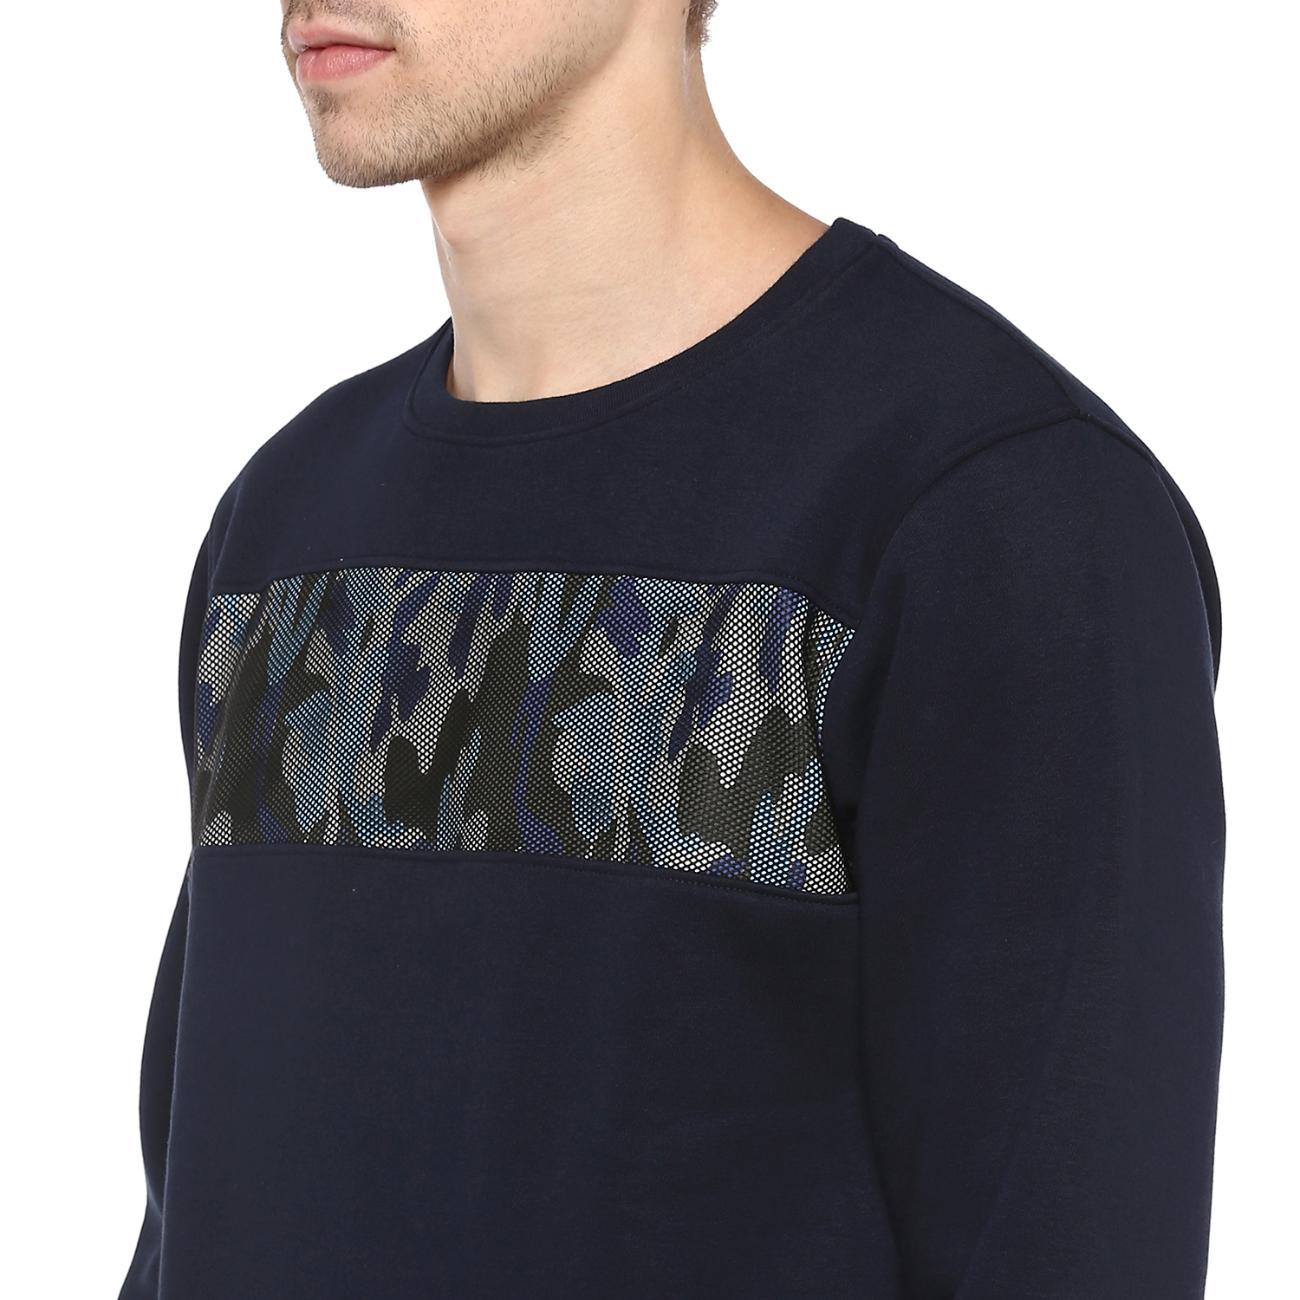 Shop Men's Round Neck Navy Printed Sweater